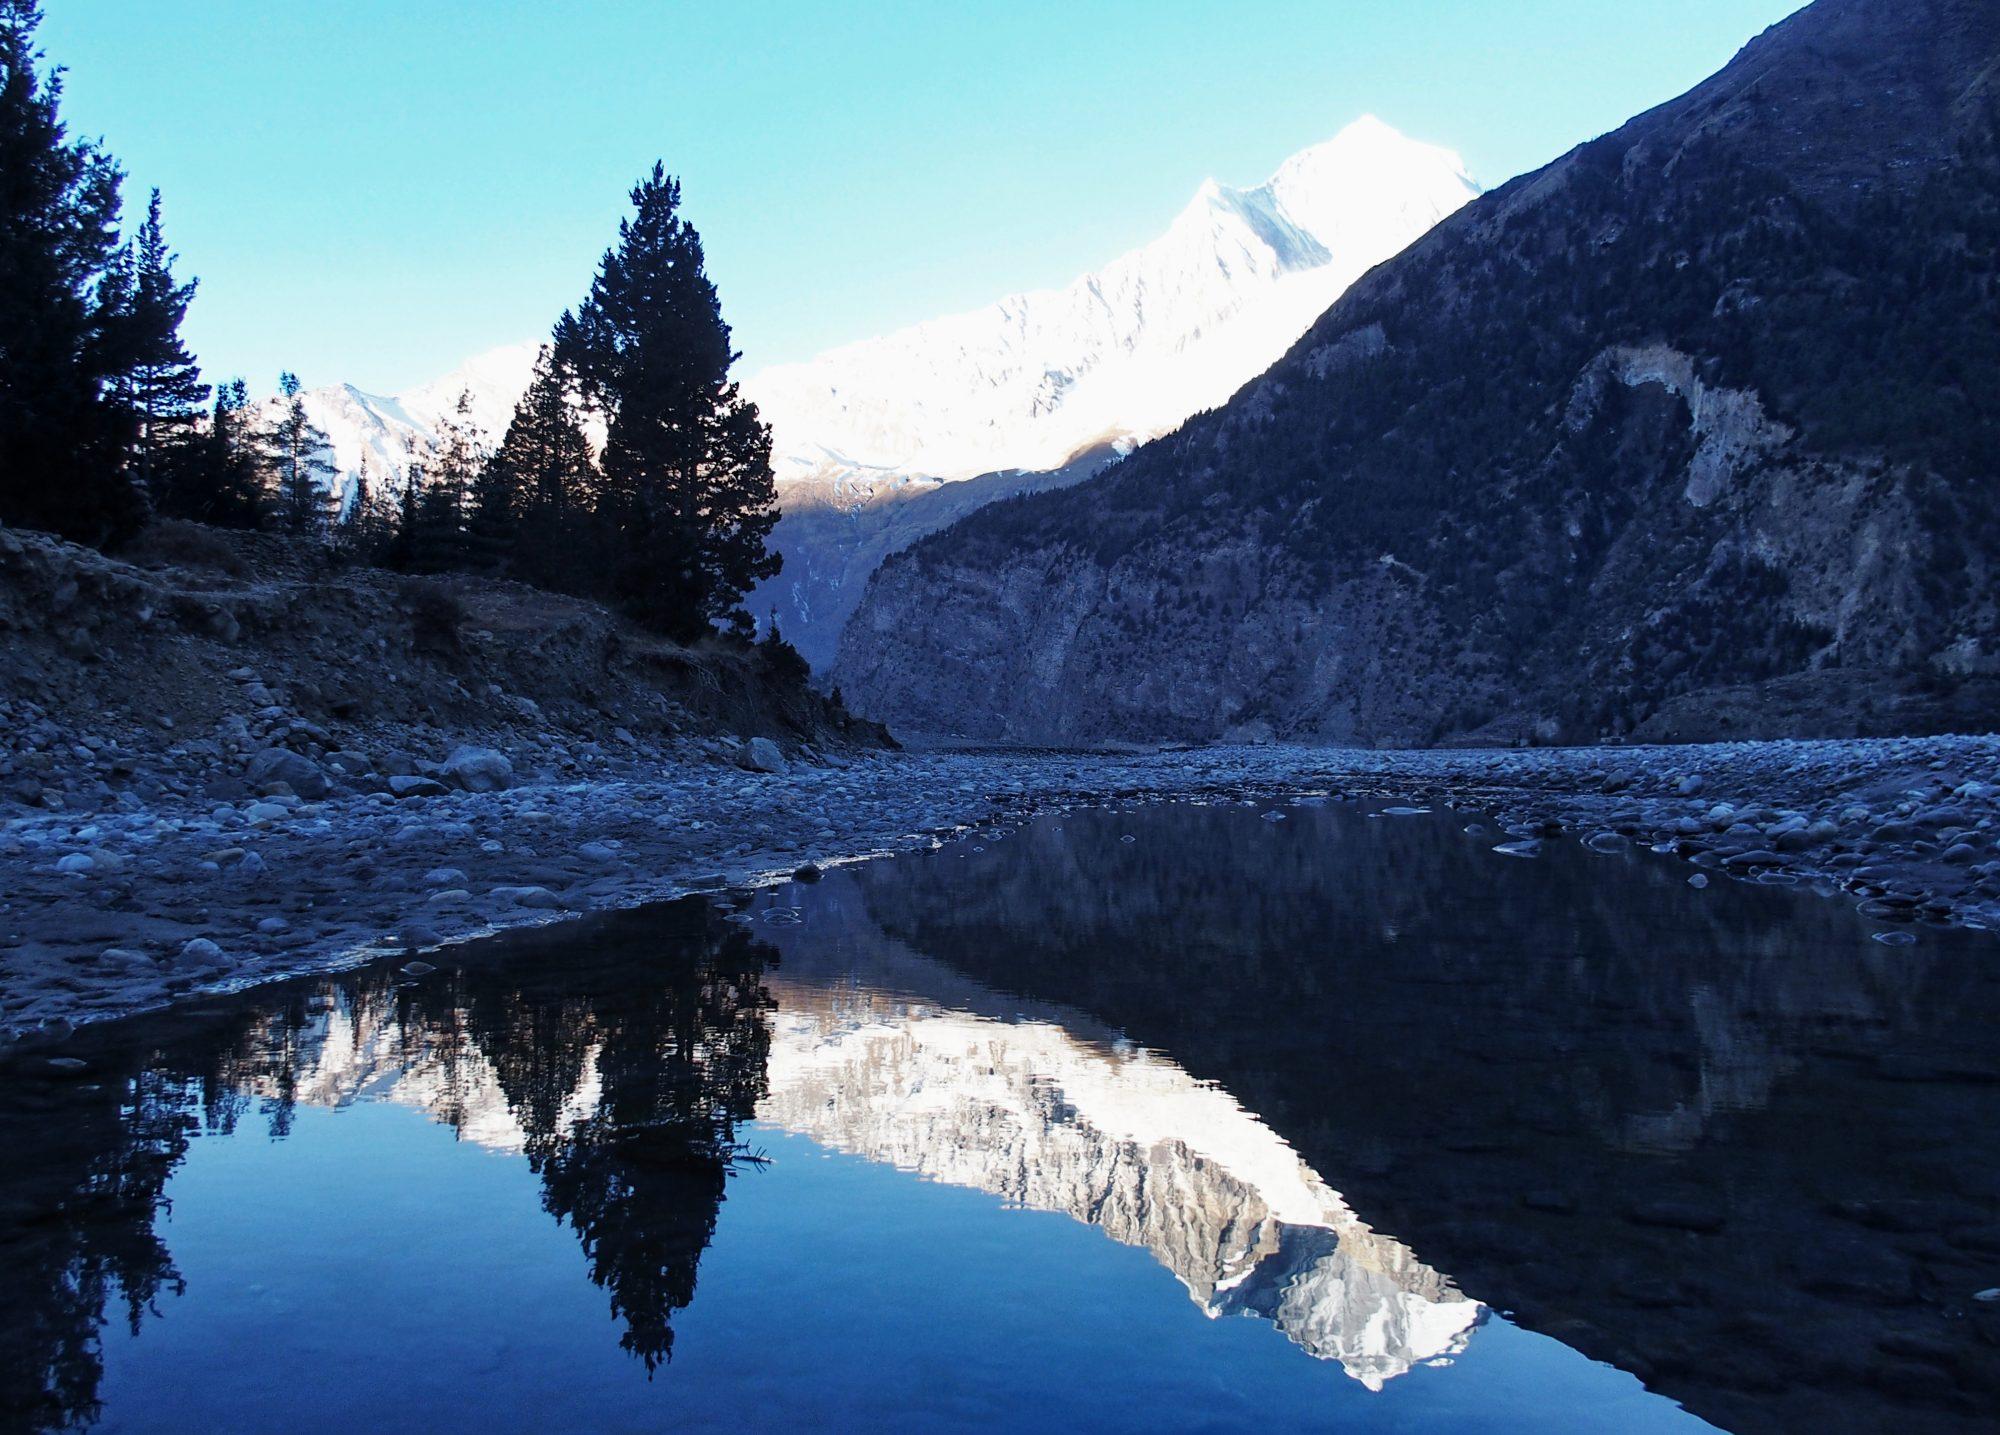 Flußbett in Nepal am frühen Morgen